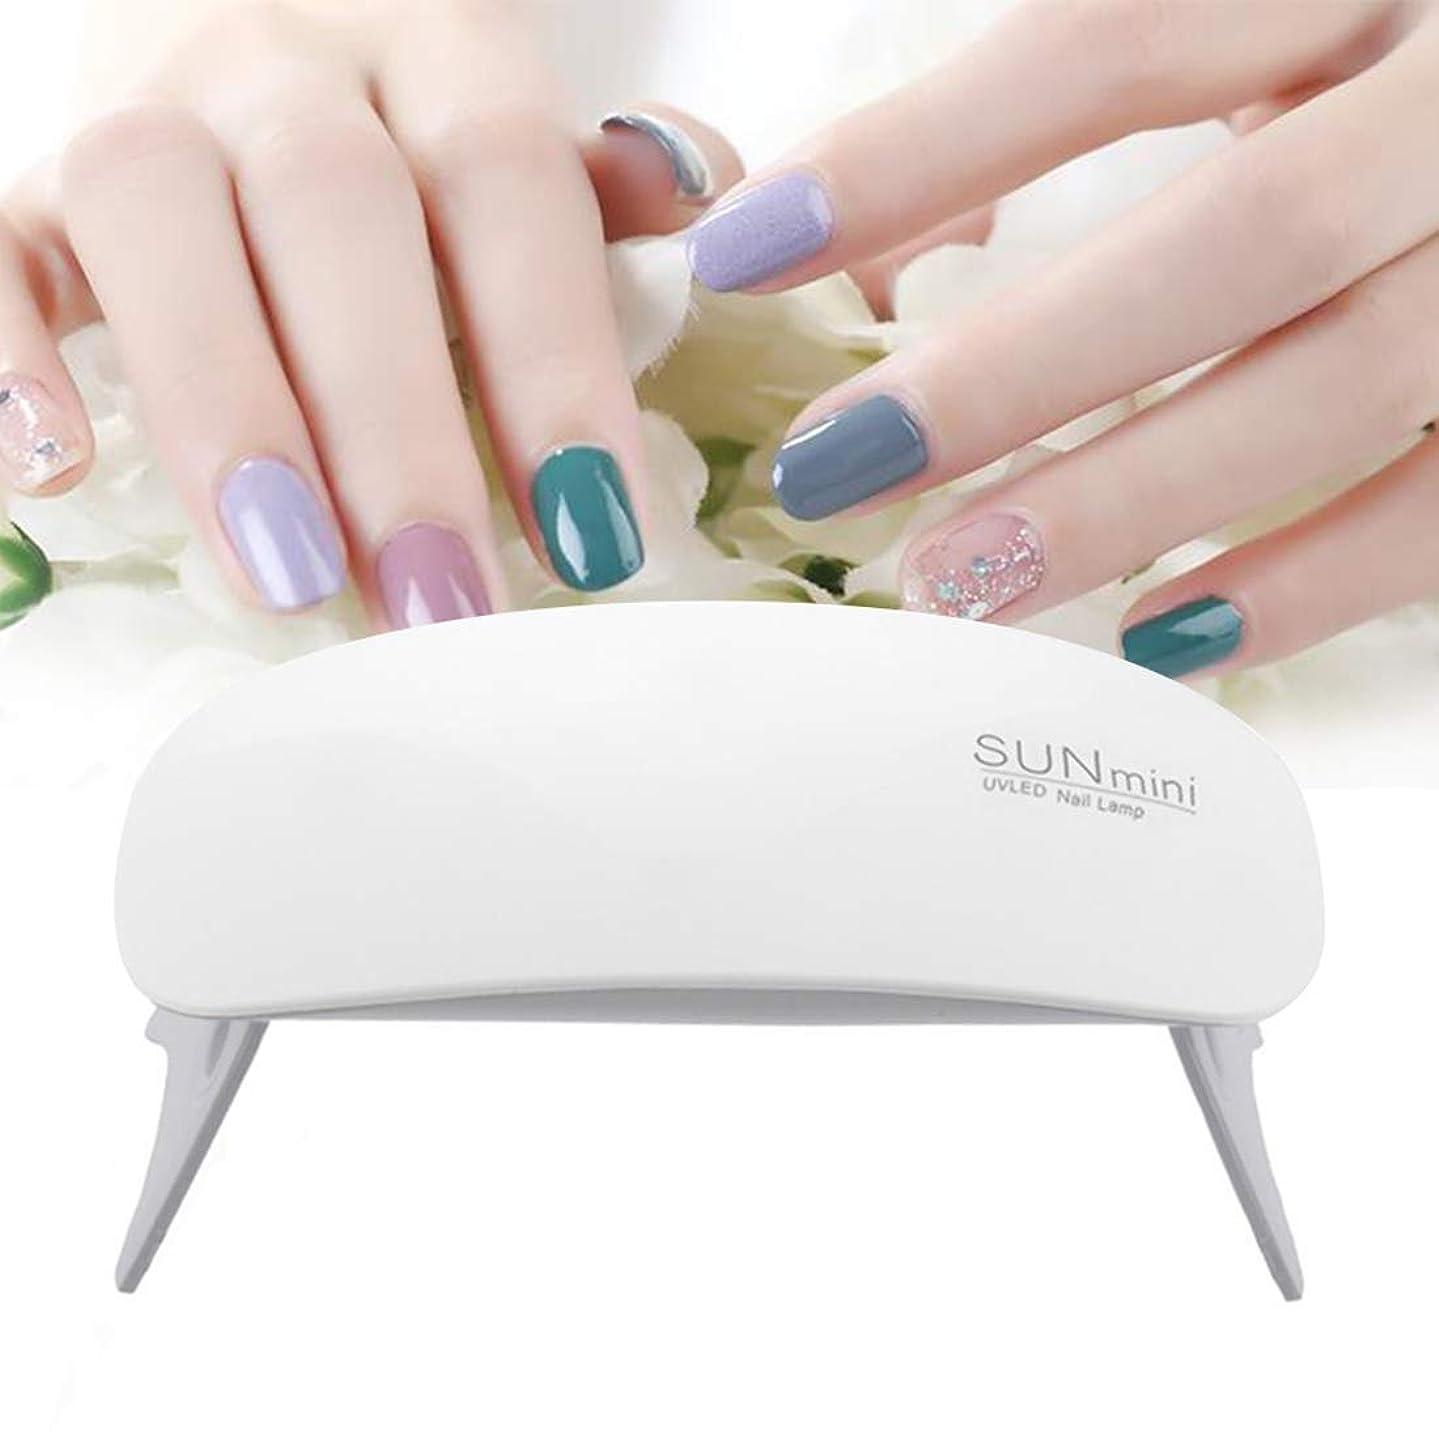 祝うシャーロットブロンテメタルラインBFACCIA ミニサイズ UV と LEDダブルライト ネイルランプ 乾燥用速乾性折りたたみ式 タイマー設定可能 (ホワイト)